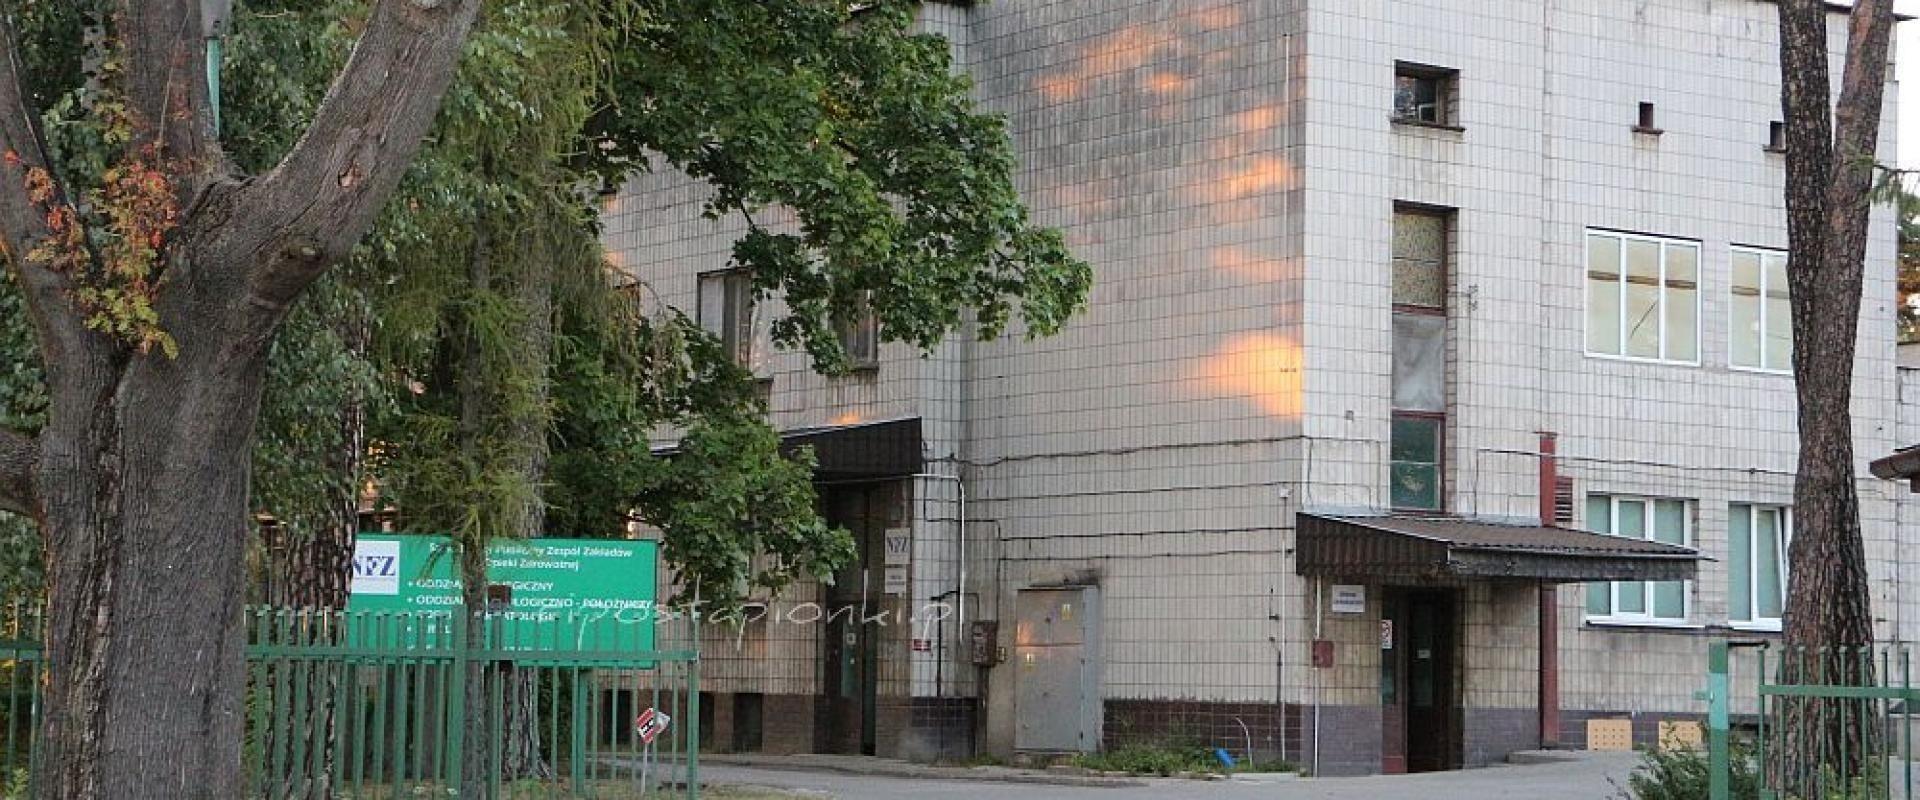 W sprawie pionkowskiego szpitala